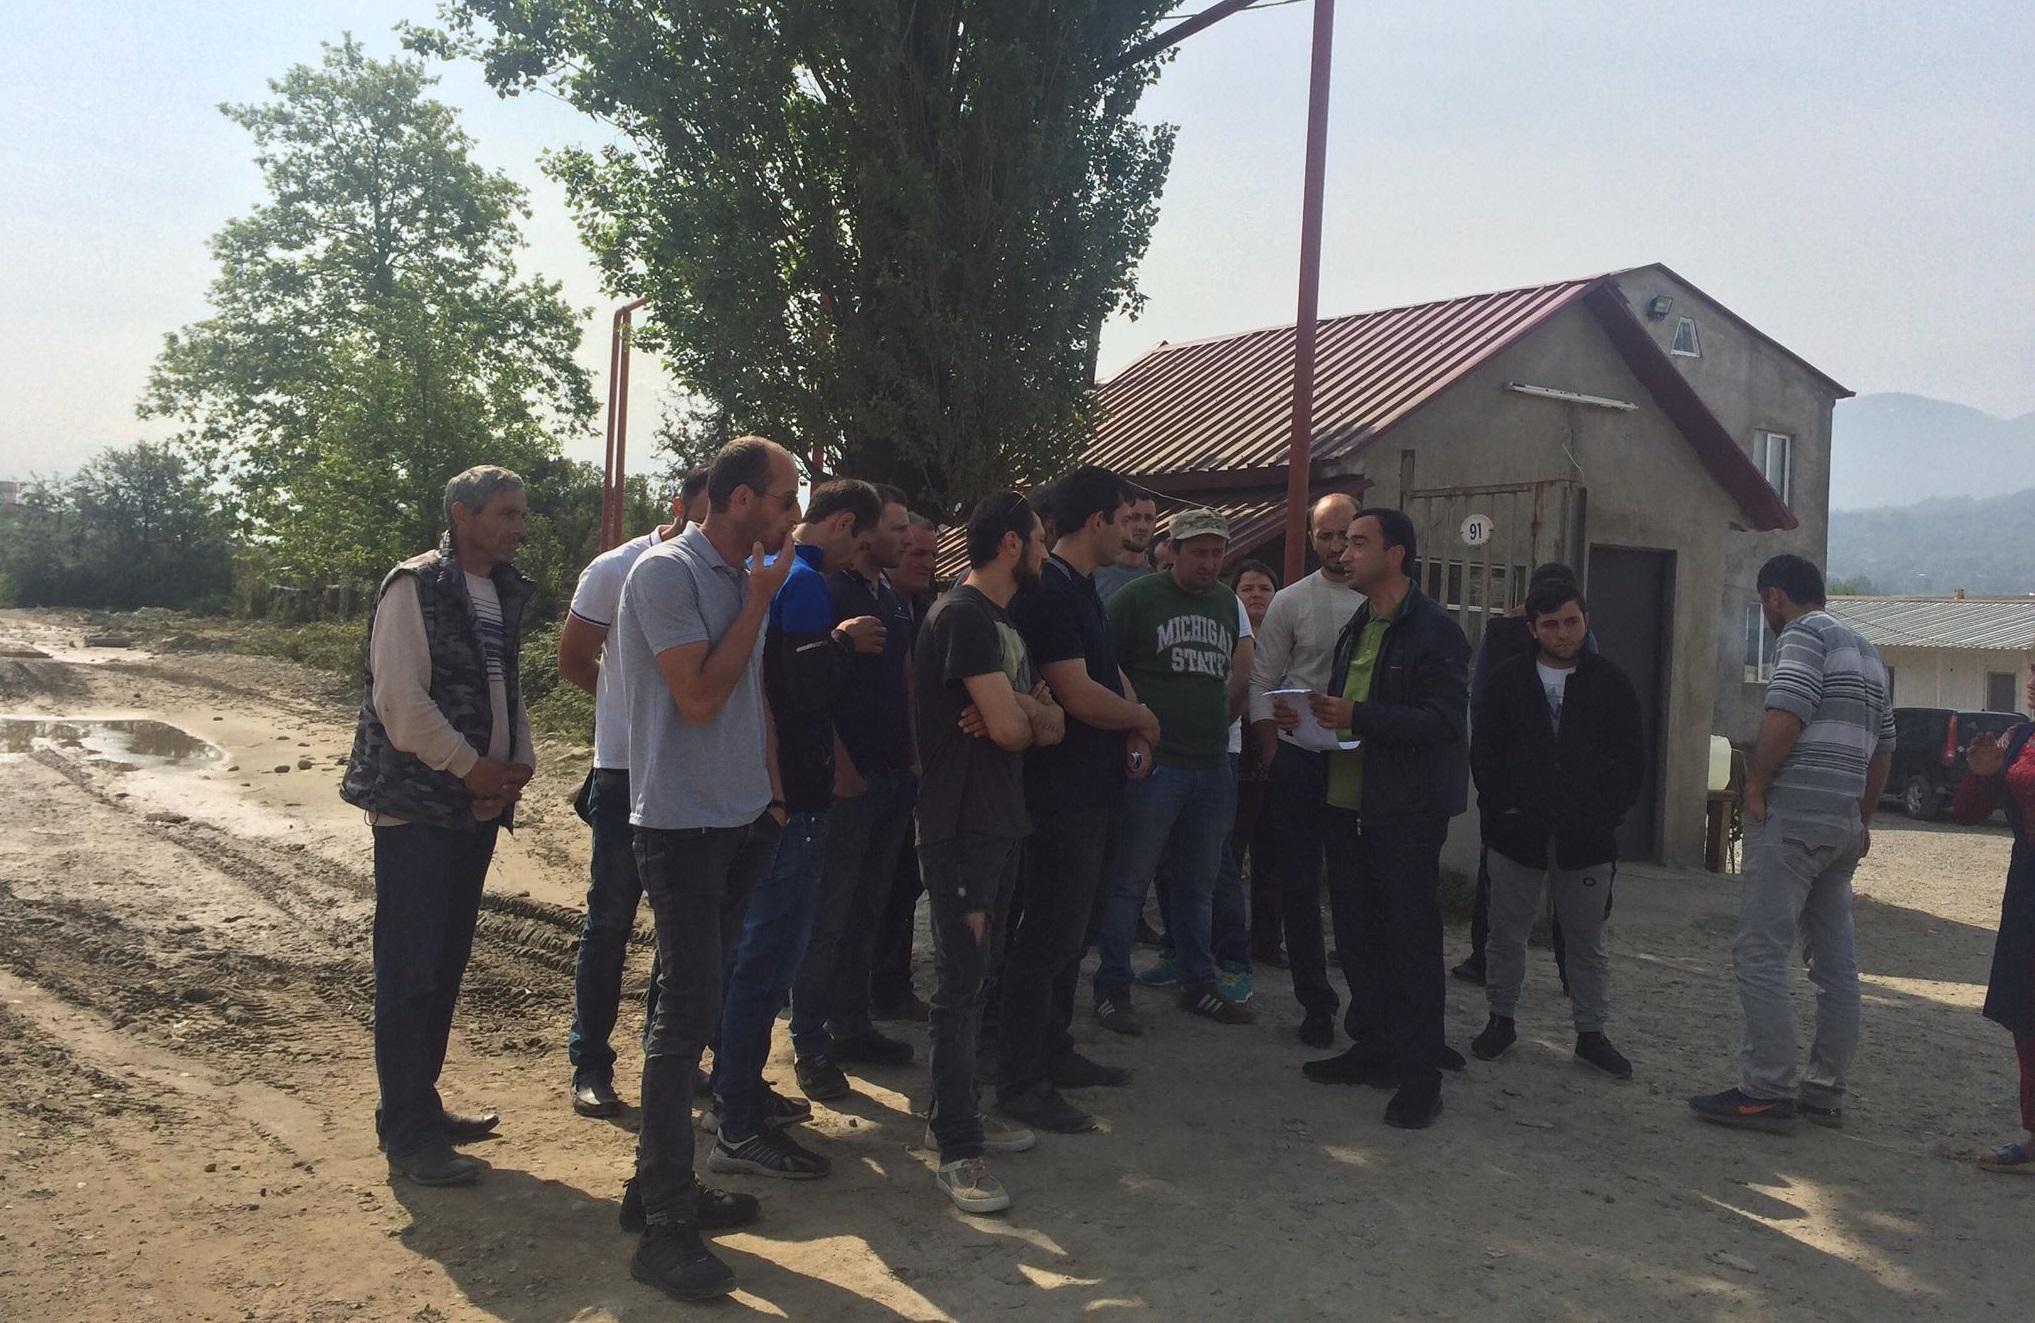 თურქულ კომპანიაში დასაქმებულები გაიფიცნენ